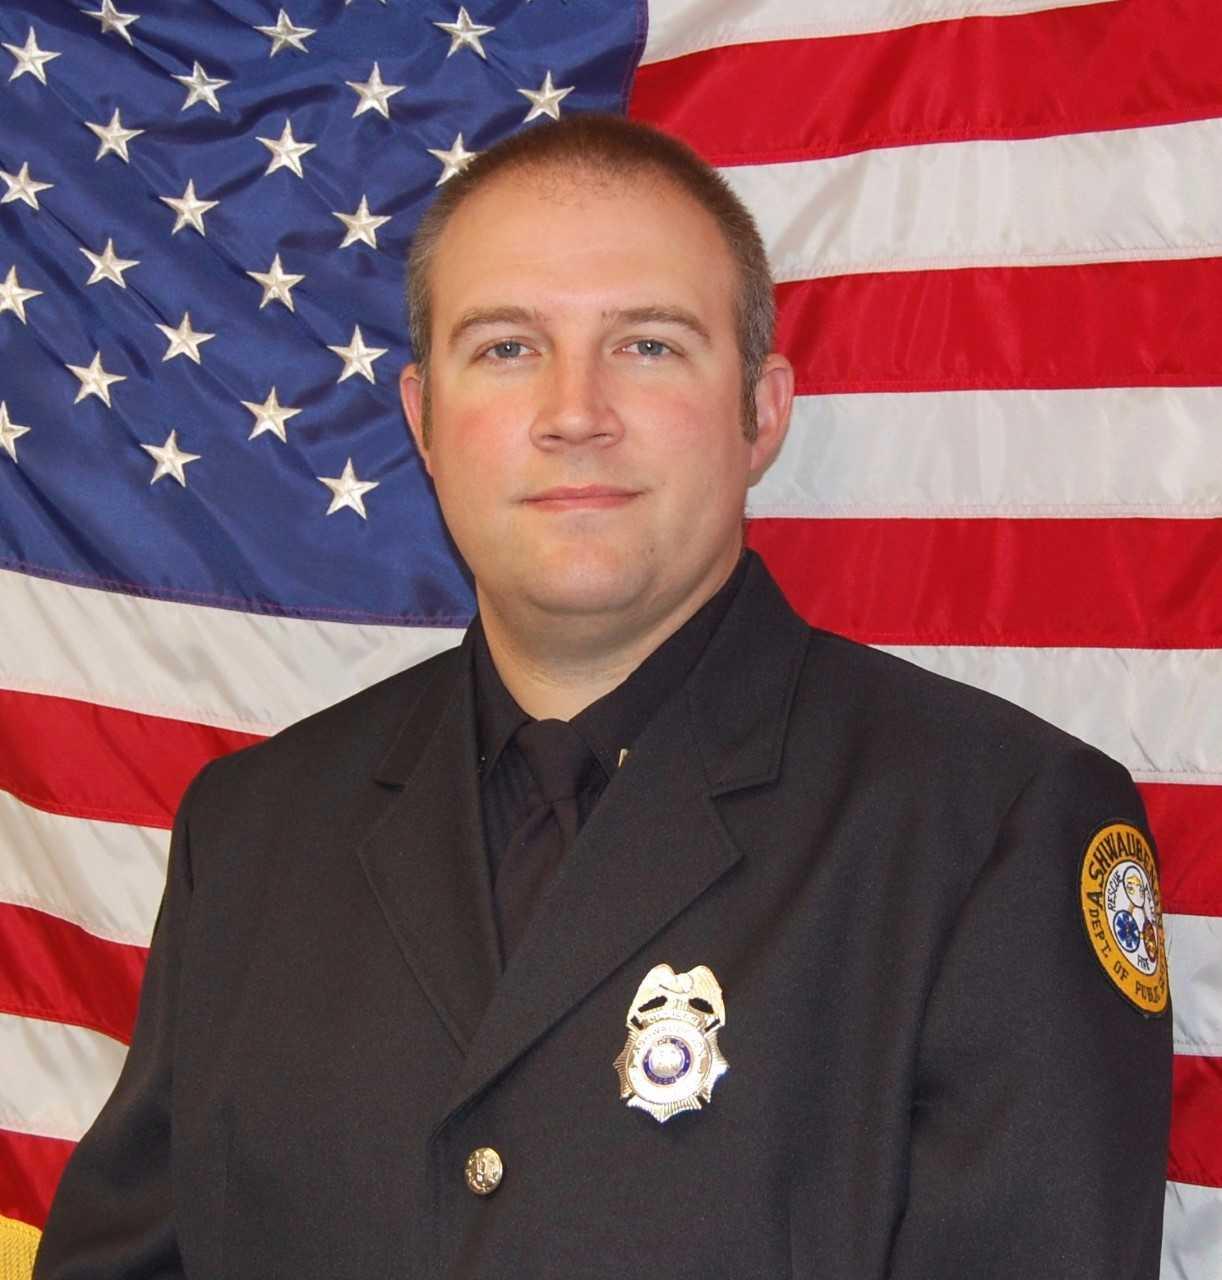 officer murphy.jpg